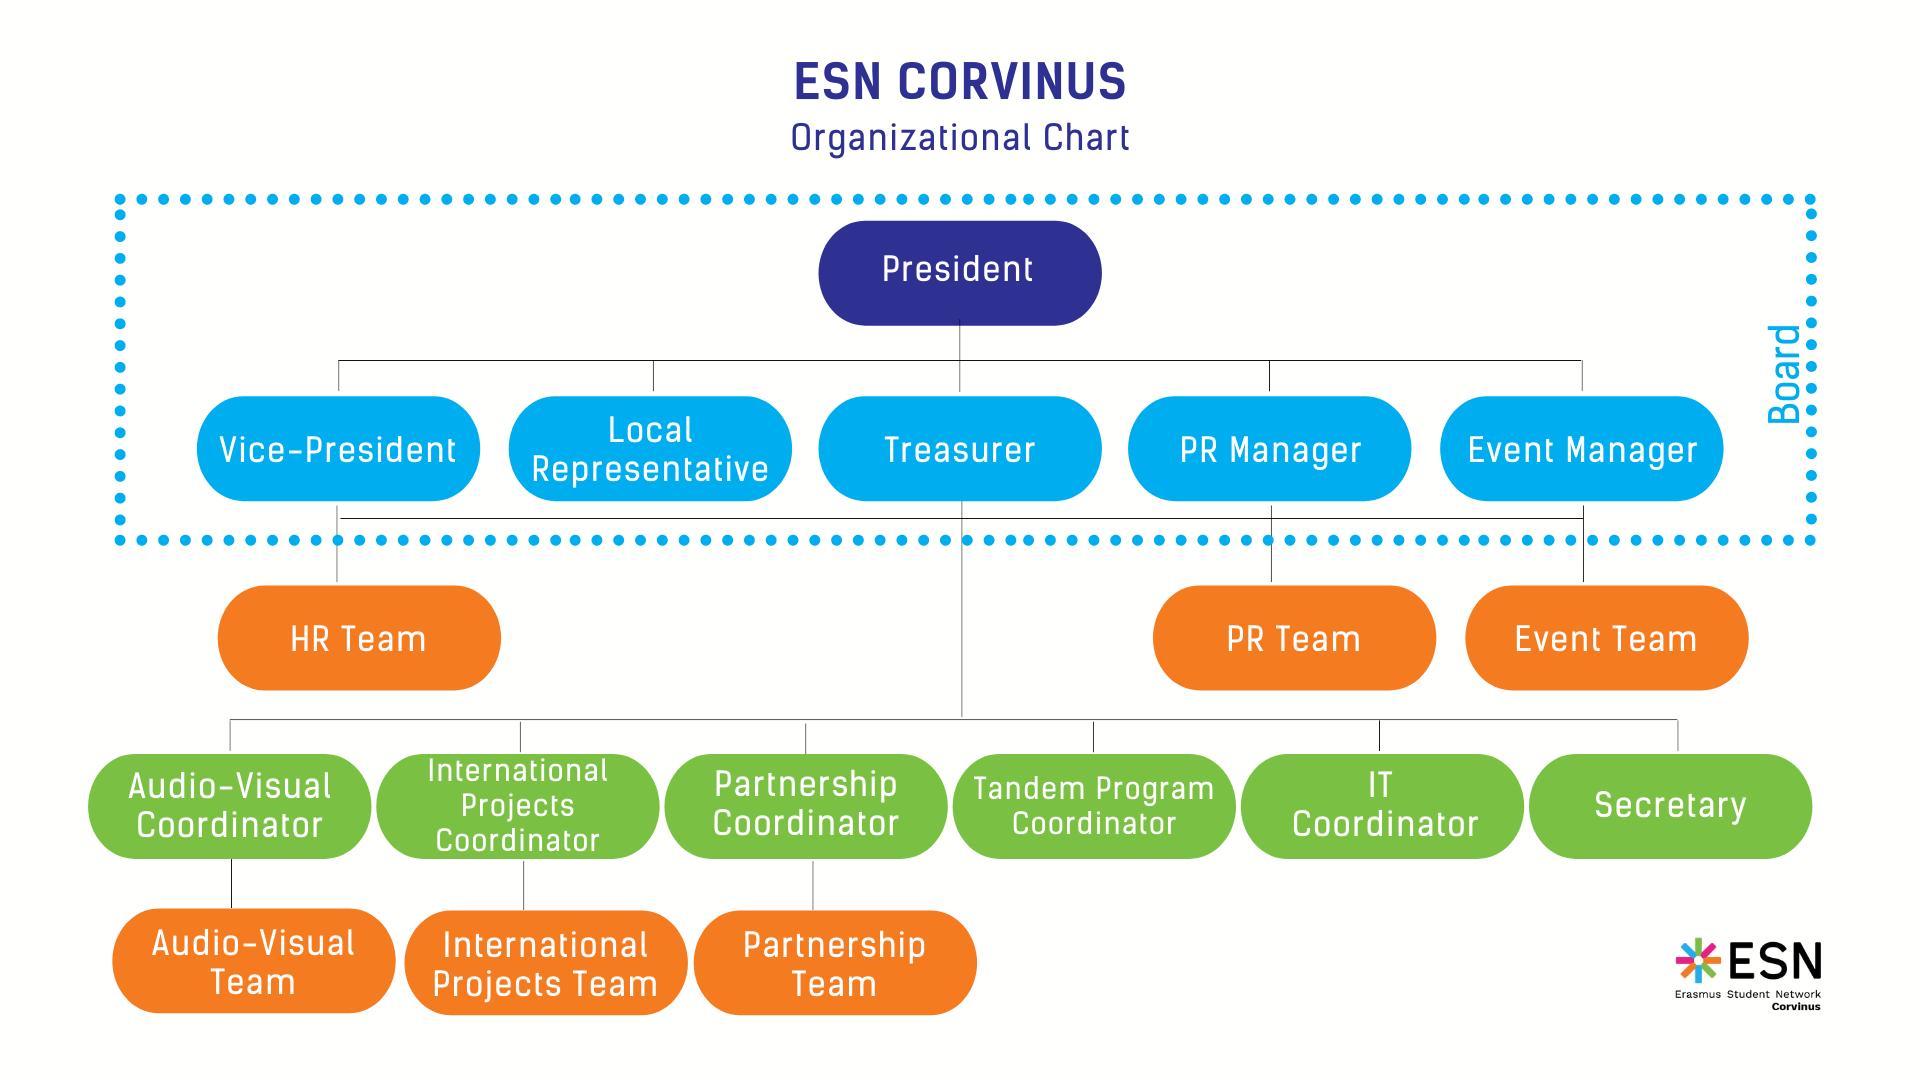 ESN-Corvinus.png